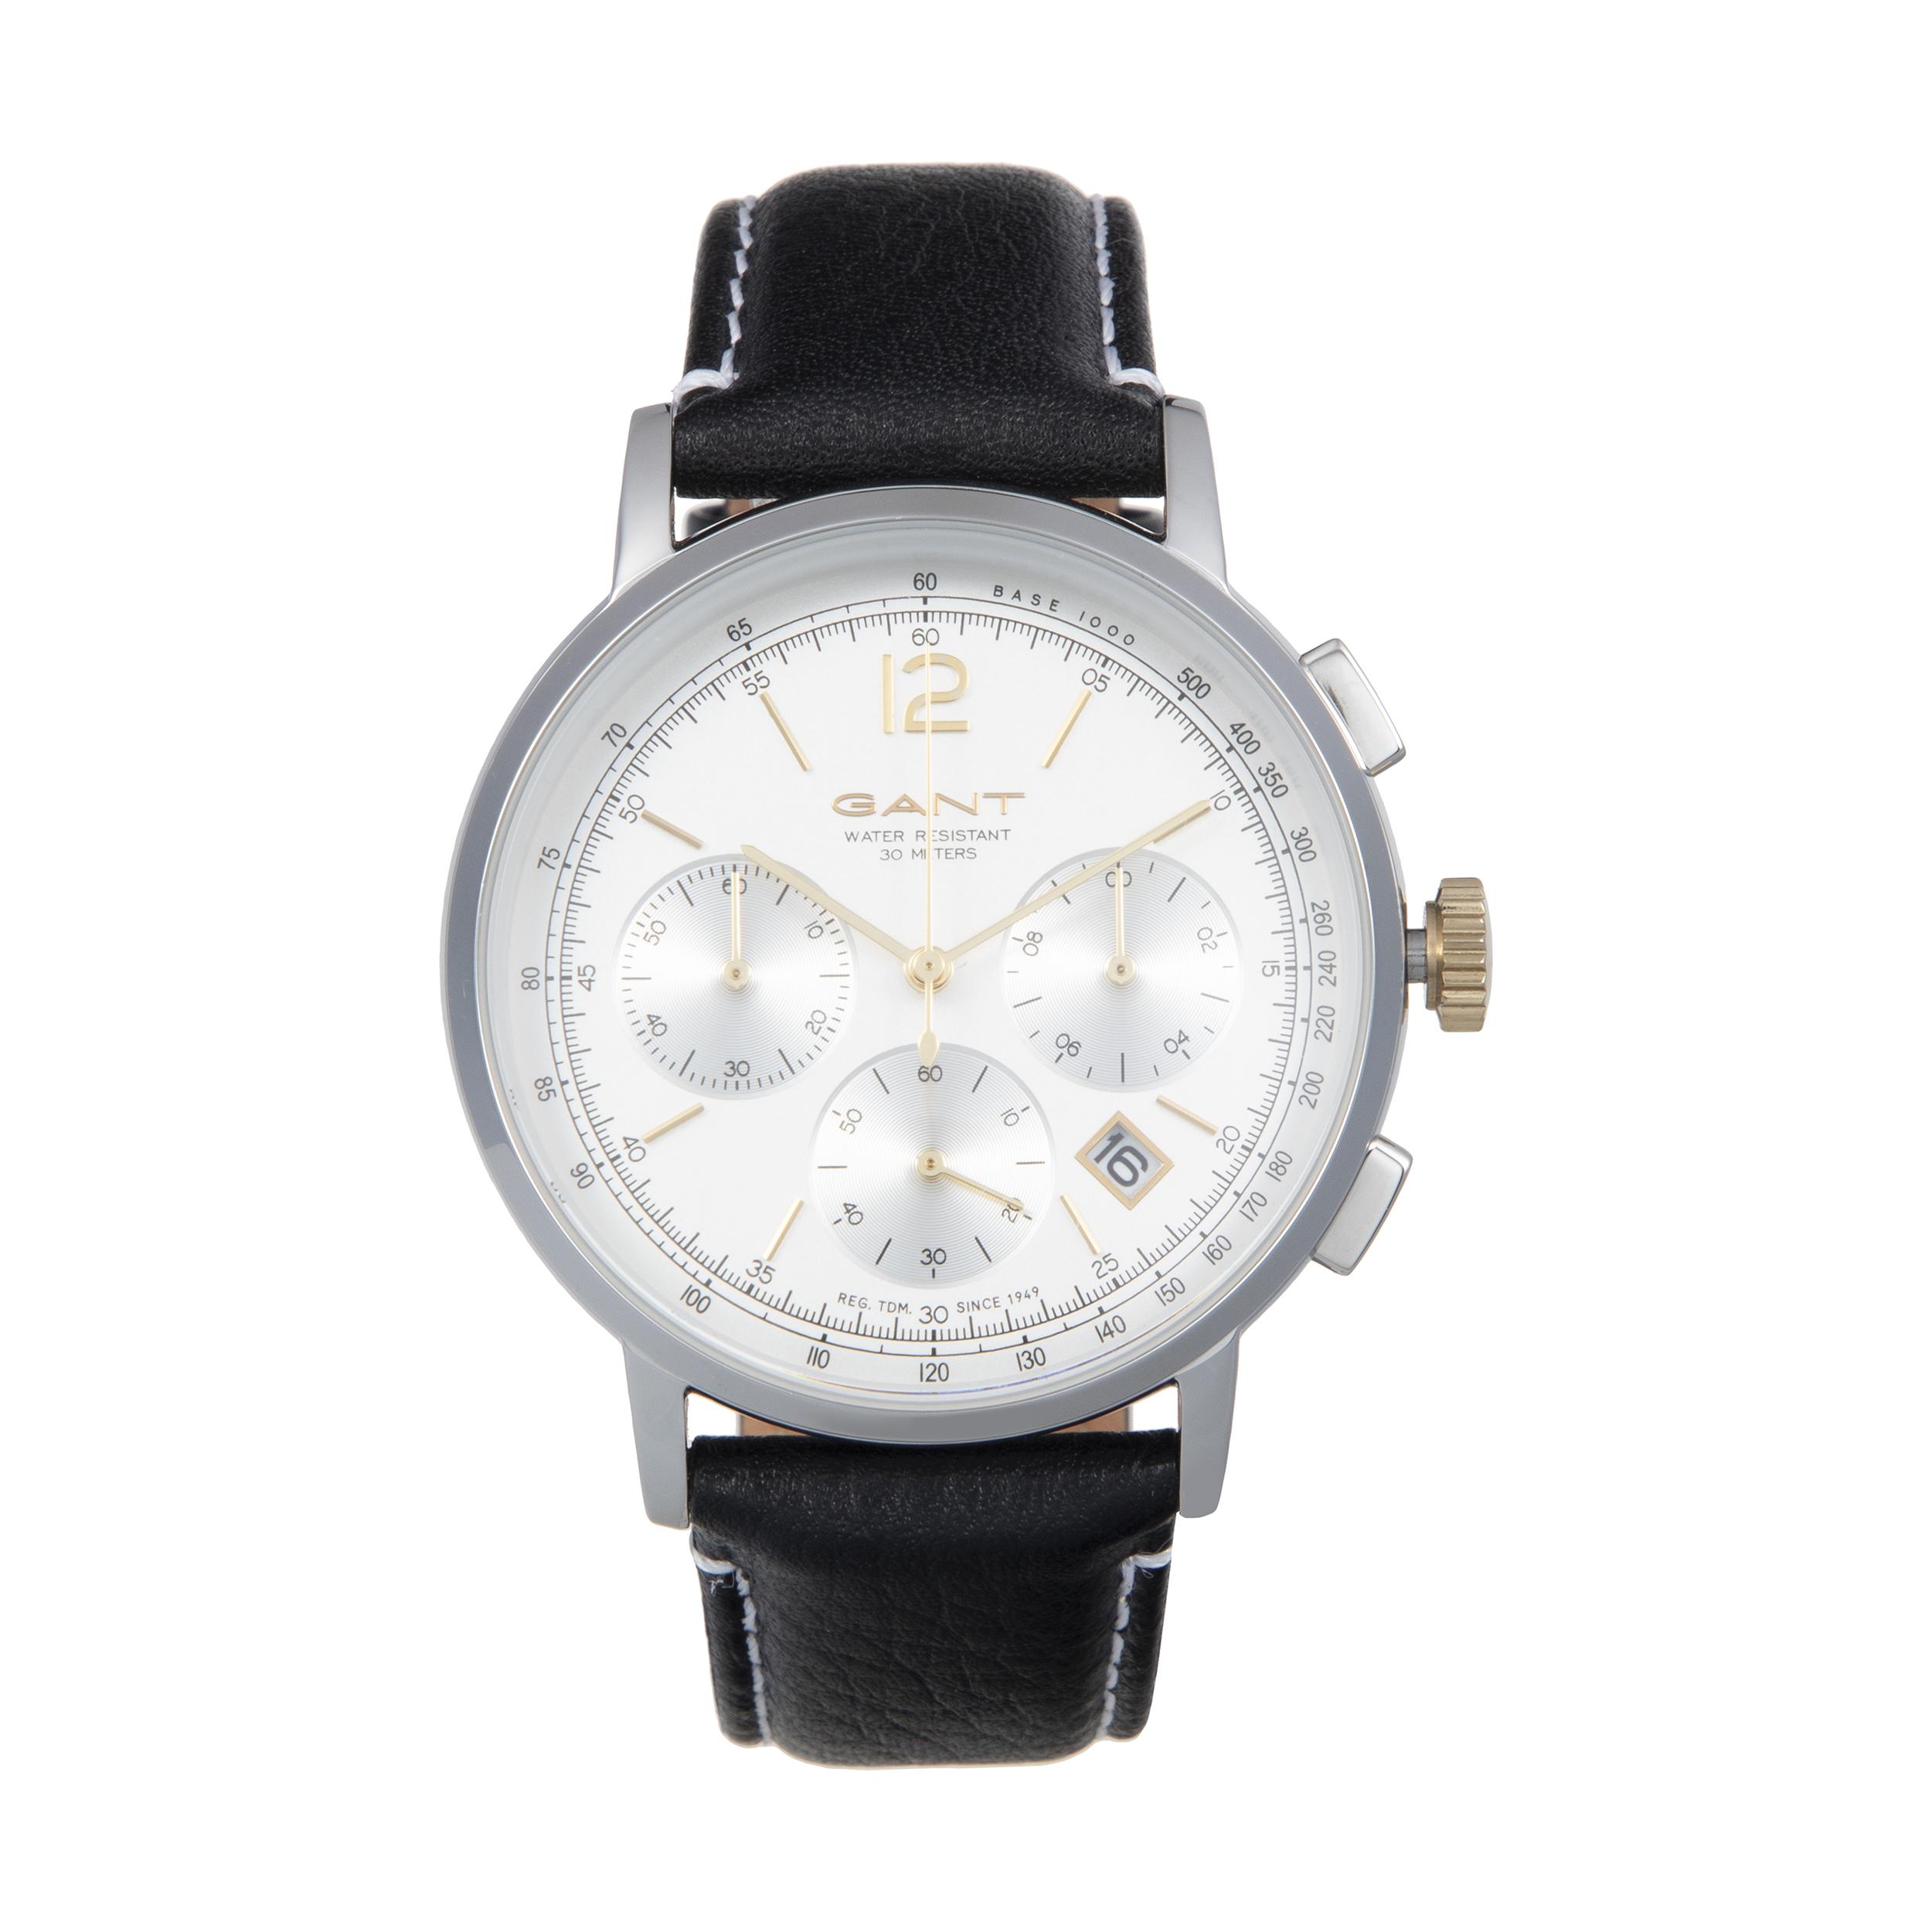 قیمت ساعت مچی عقربه ای مردانه گنت مدل GWW079002              خرید (⭐️⭐️⭐️)